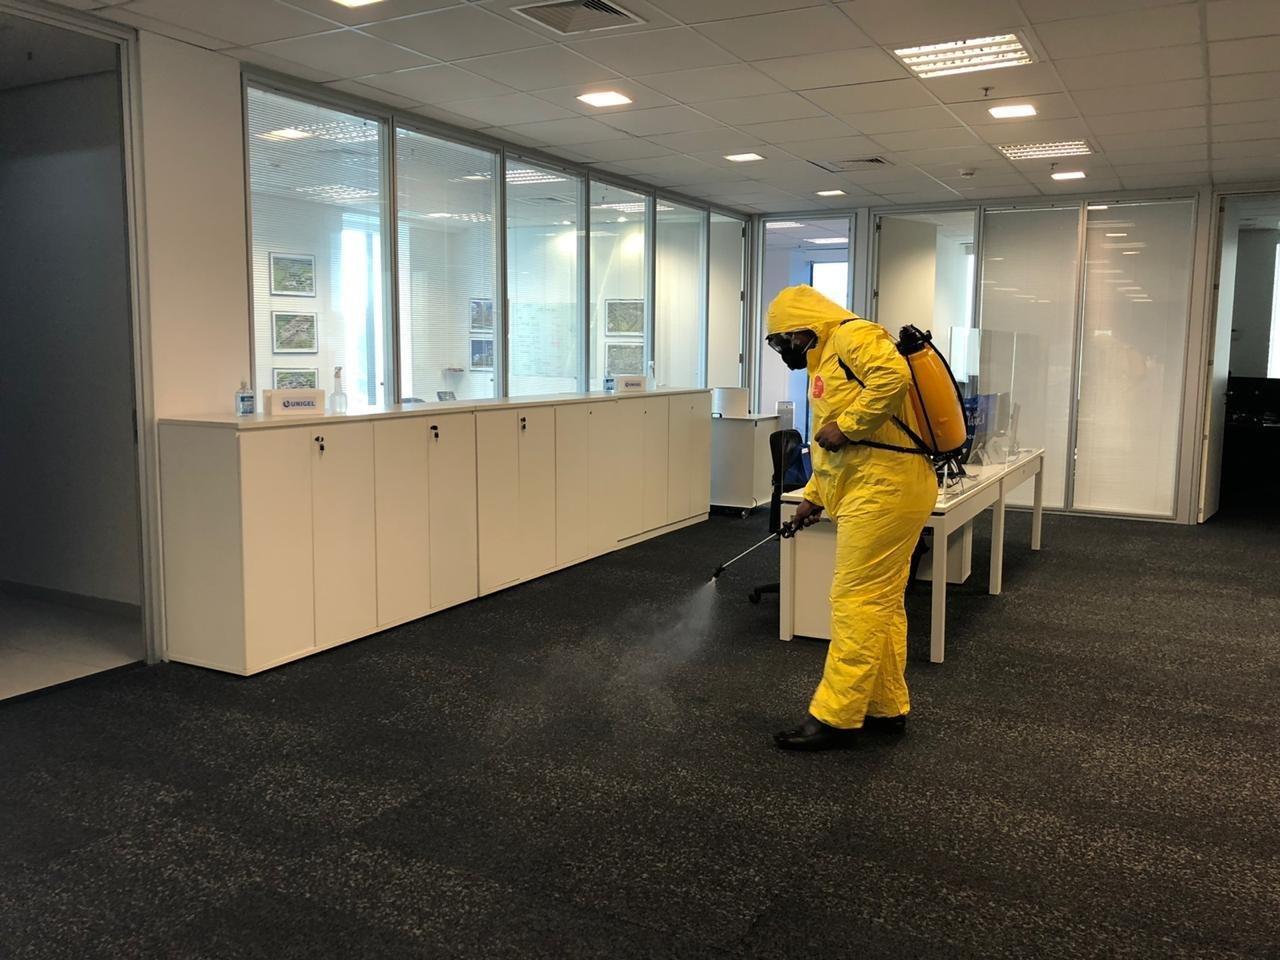 Limpeza do escritório da Unigel com produtos usados no hospital